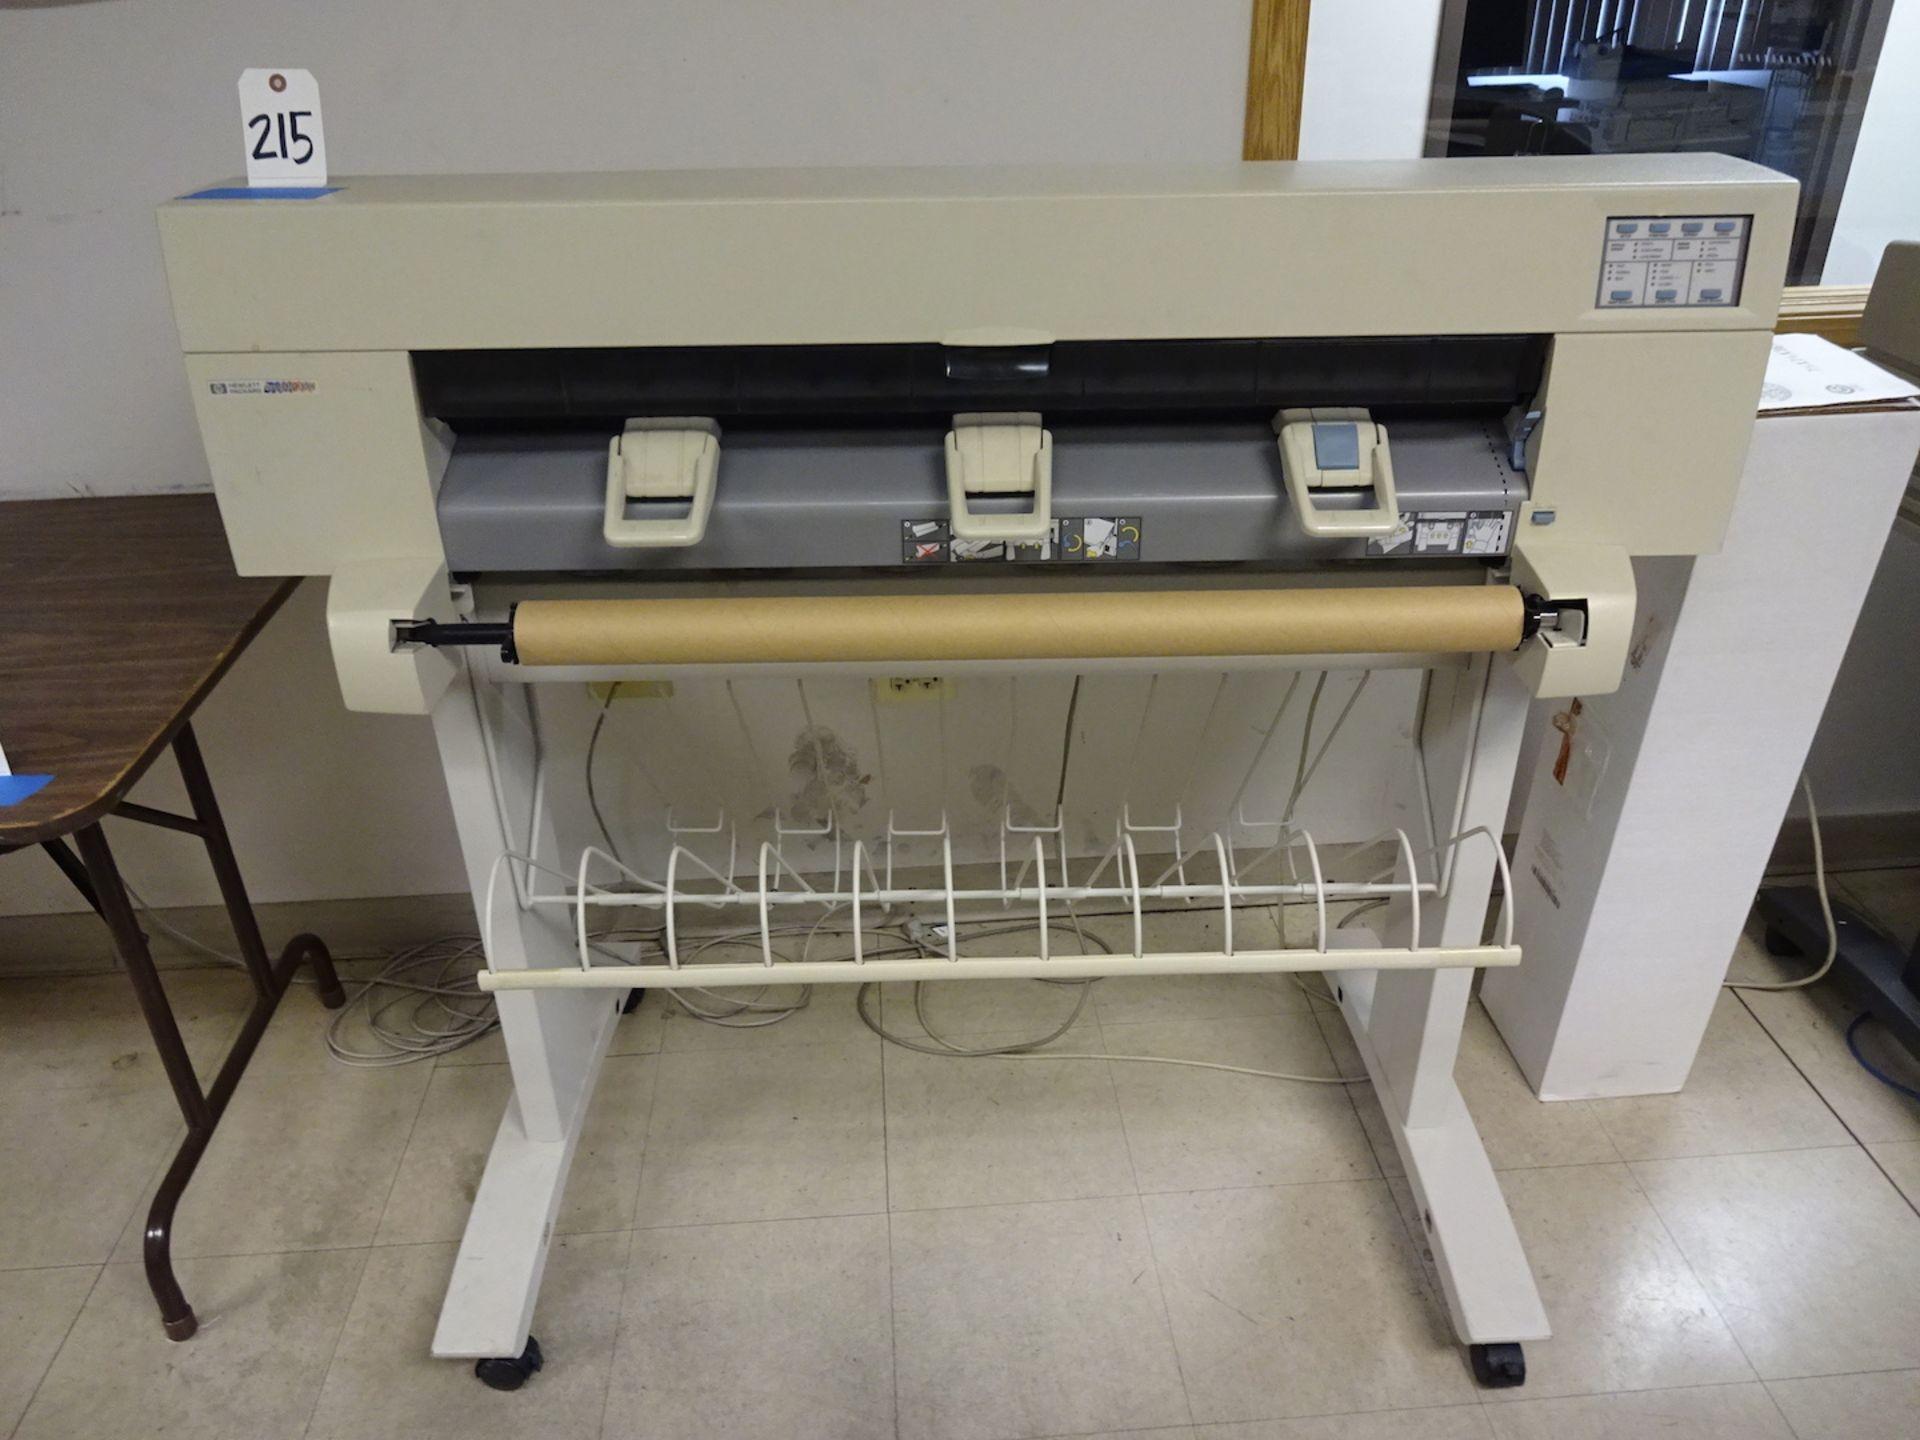 Lot 215 - Hewlett Packard Designjet 450C Plotter